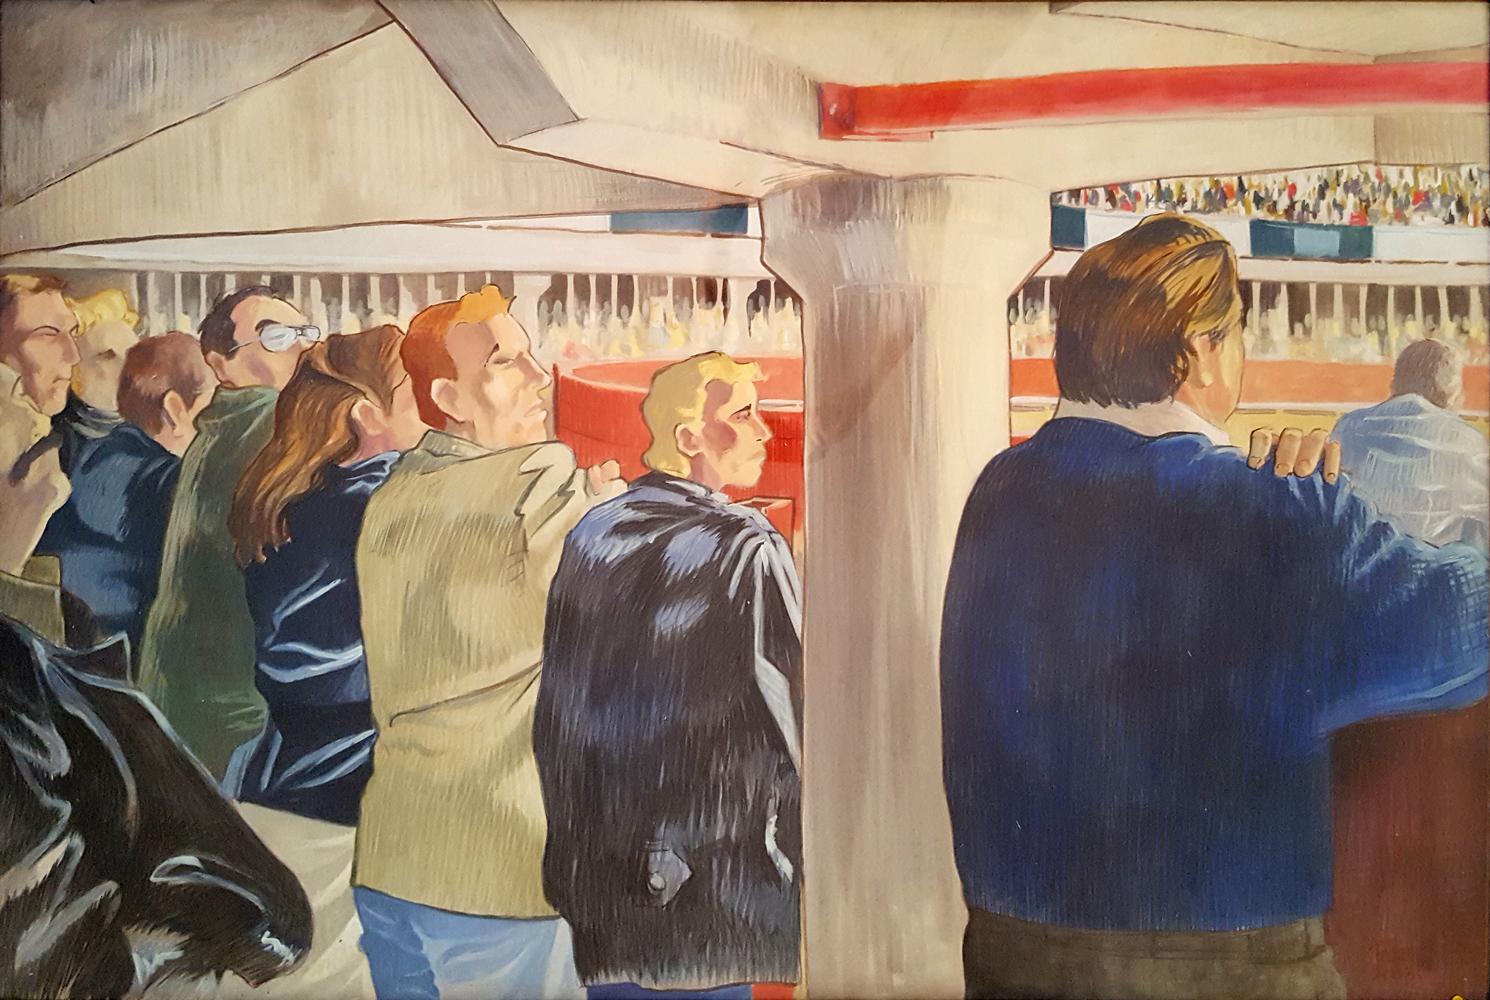 Claude Pelet Artiste Peintre - Portrait - Sous les travettes